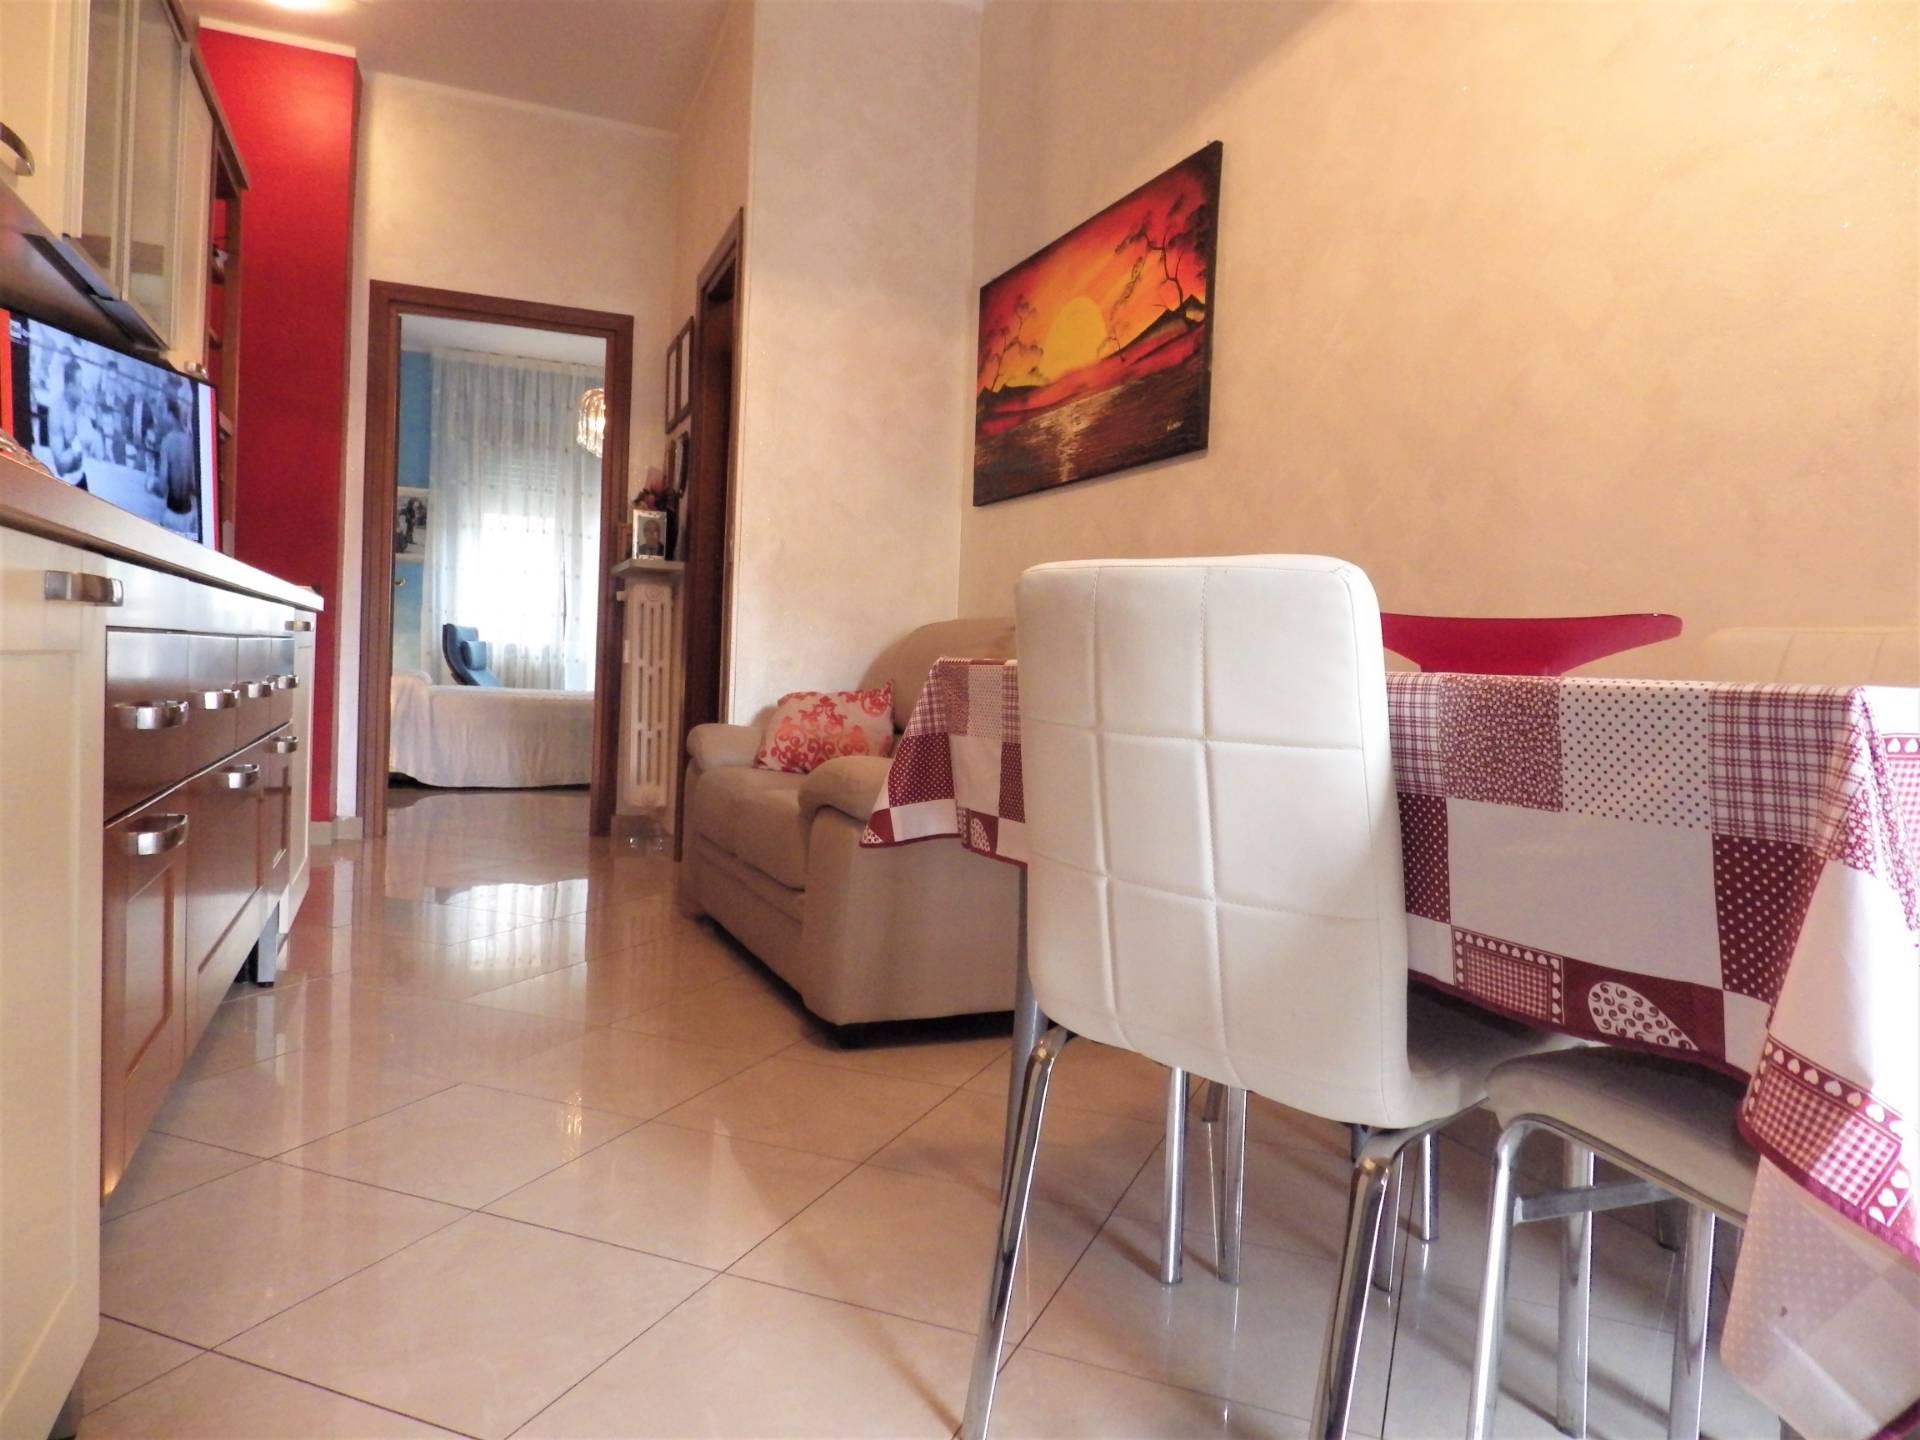 Foto 1 di Appartamento Via Crescentino, Torino